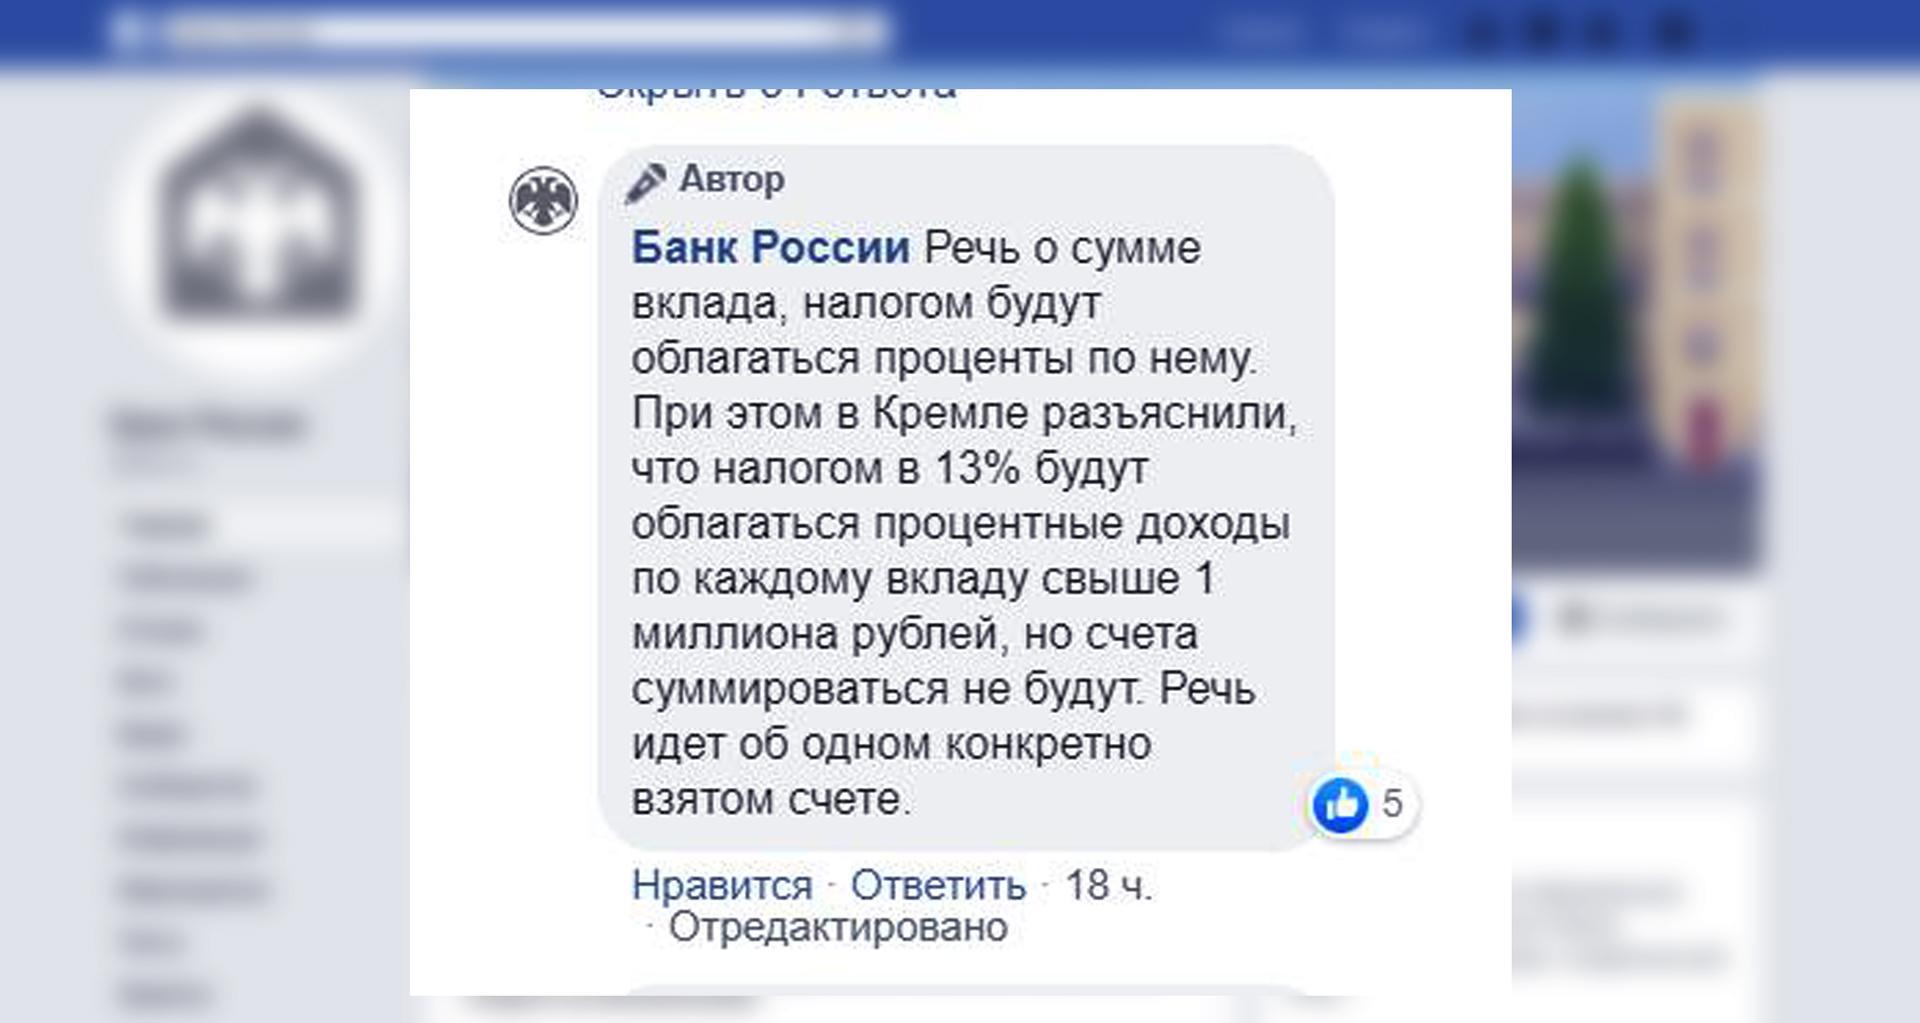 Скриншот с официальной страницы Банка России в Facebook.  © Facebook / Банк России